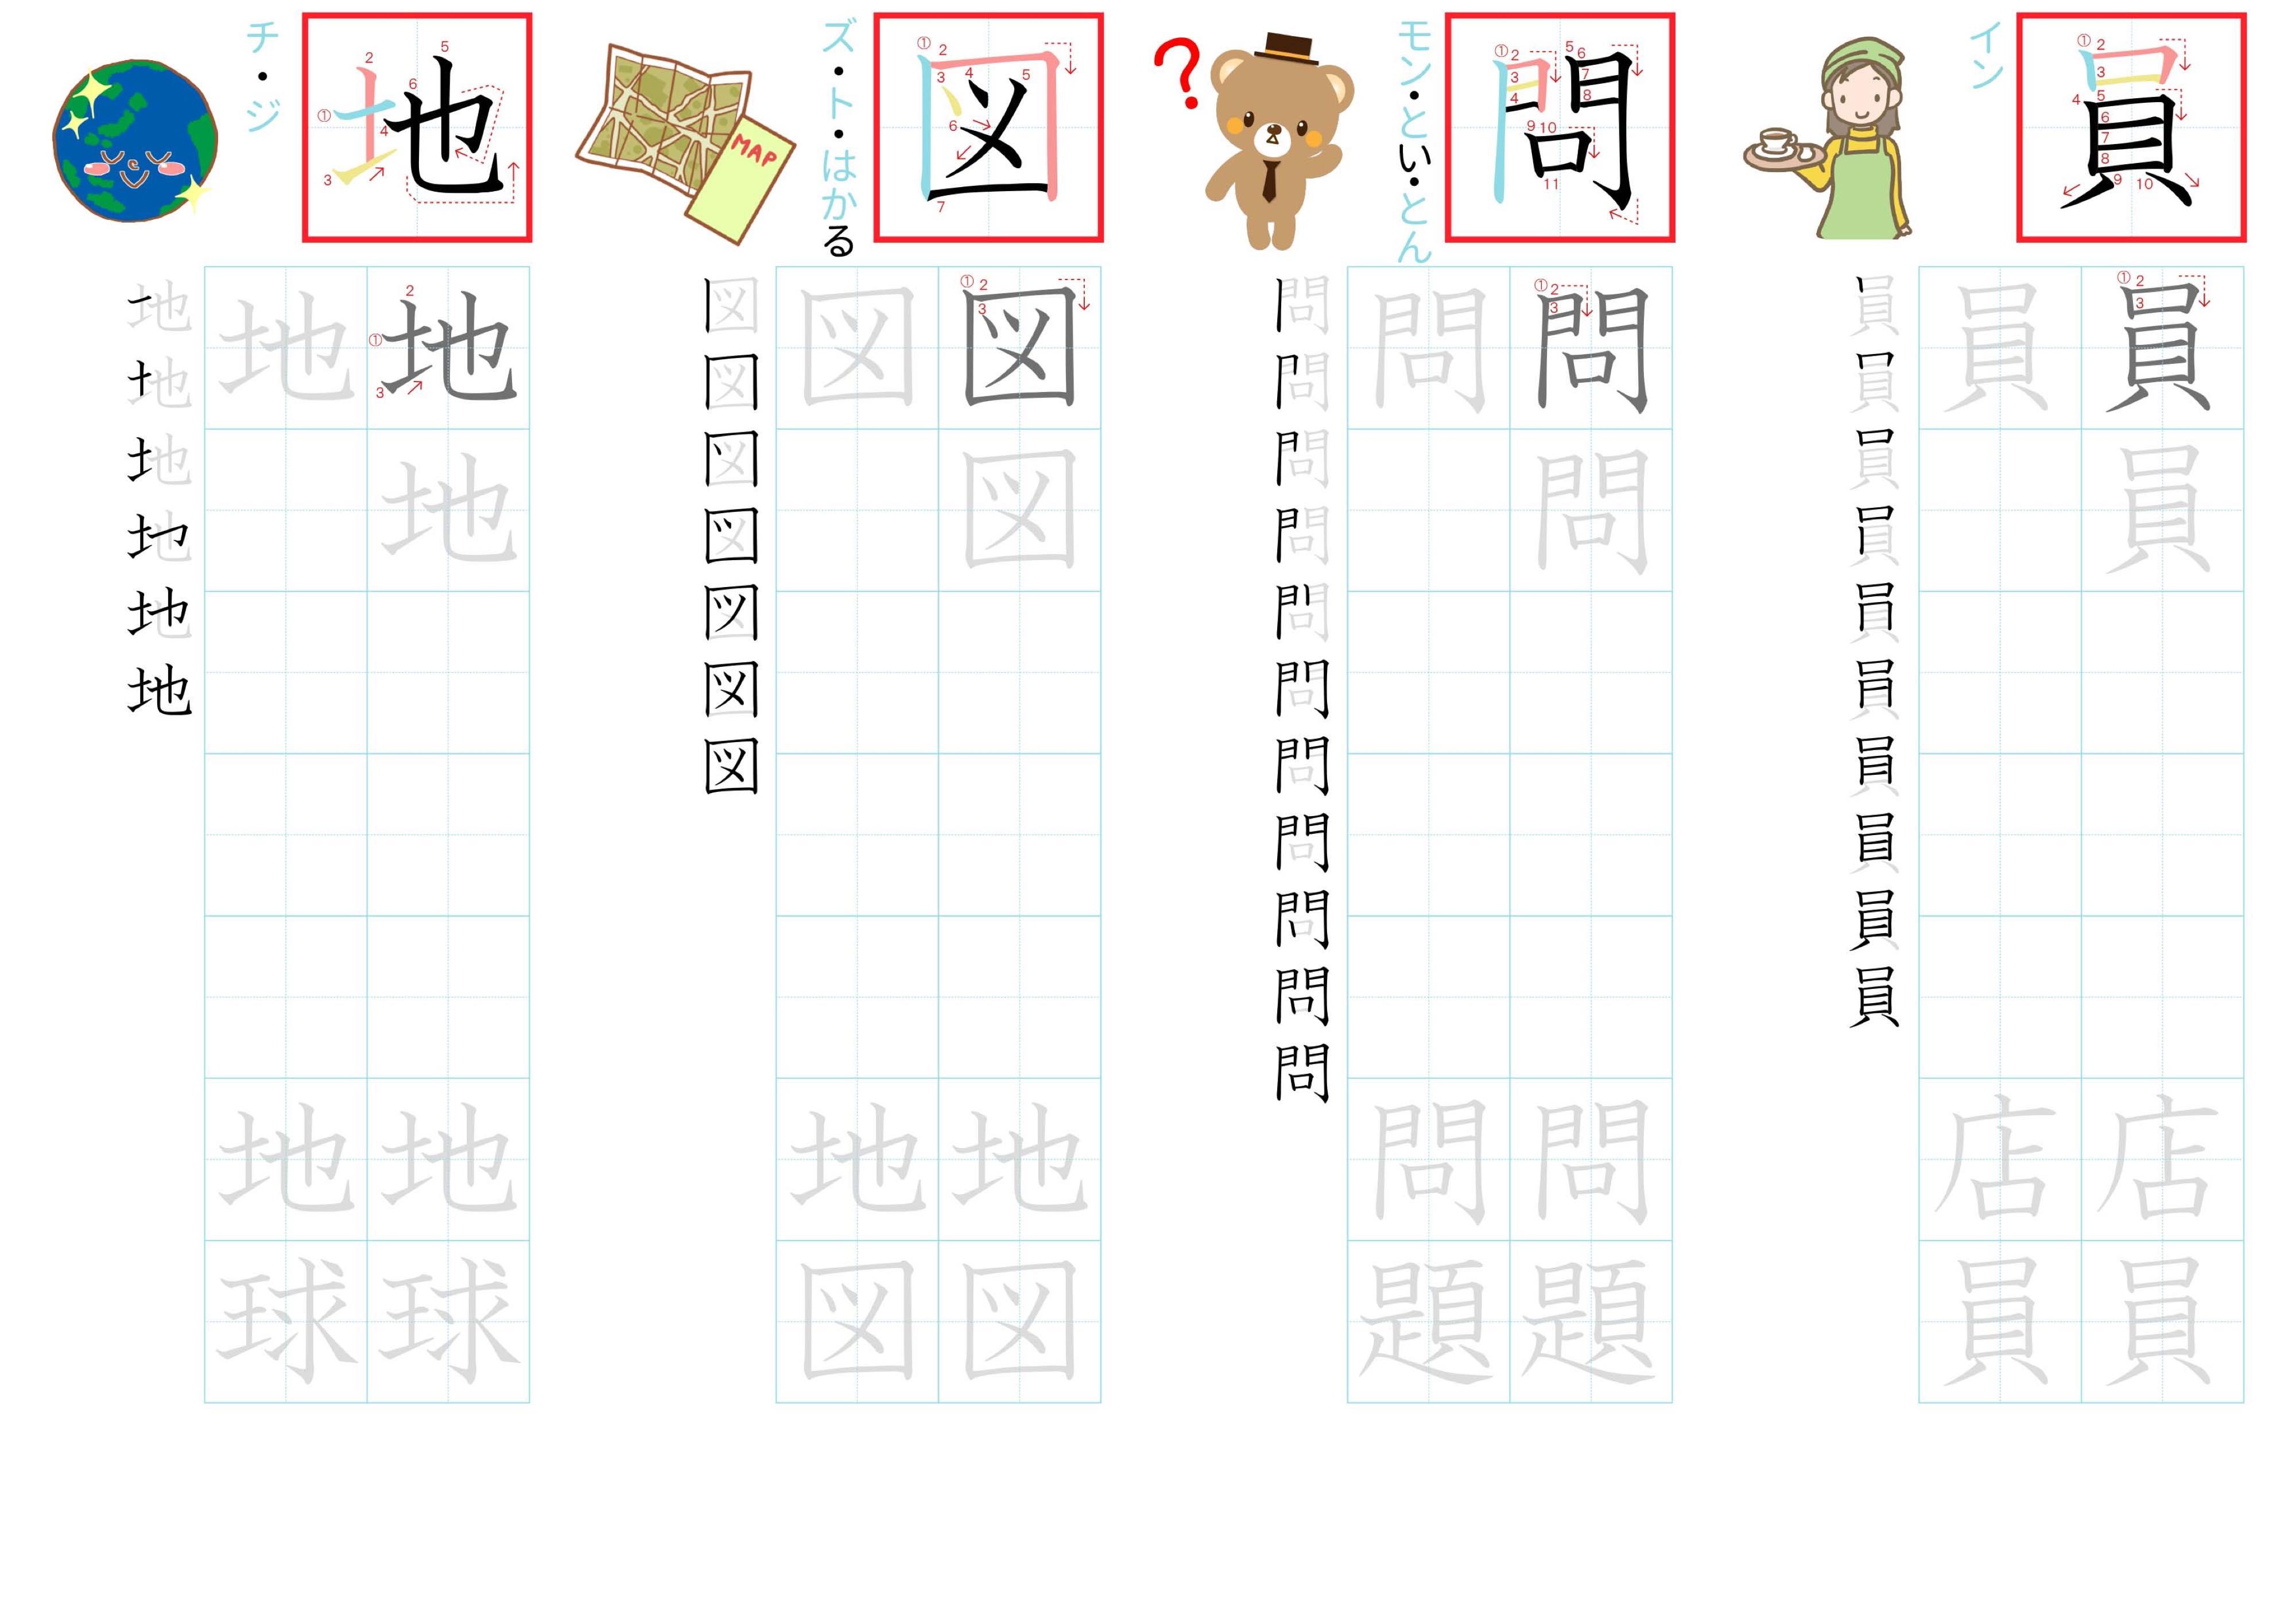 kanji-practice-card-n4-japanese-029